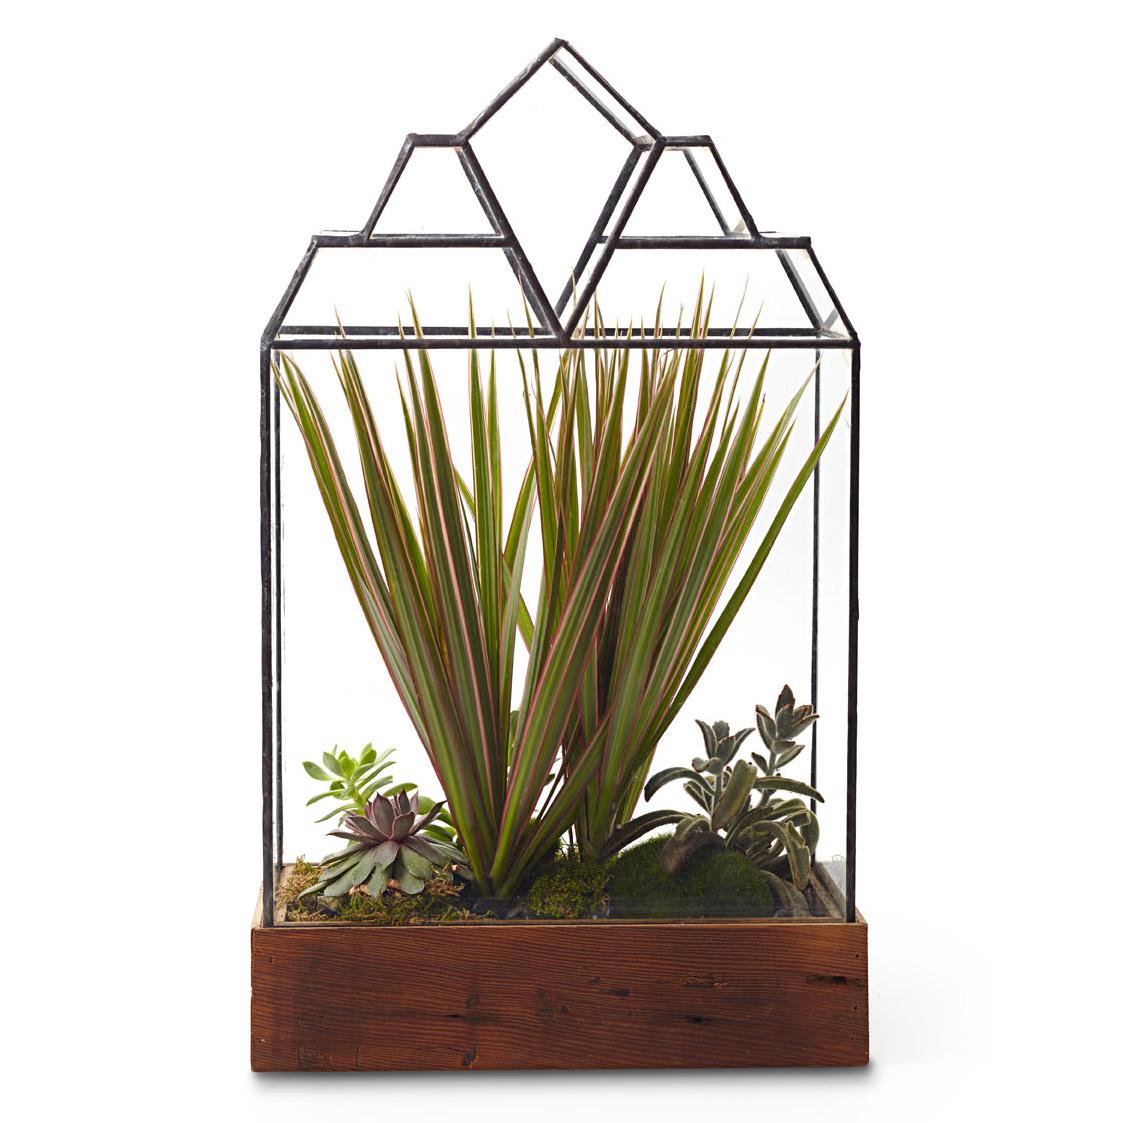 LeadHead Glass terrarium